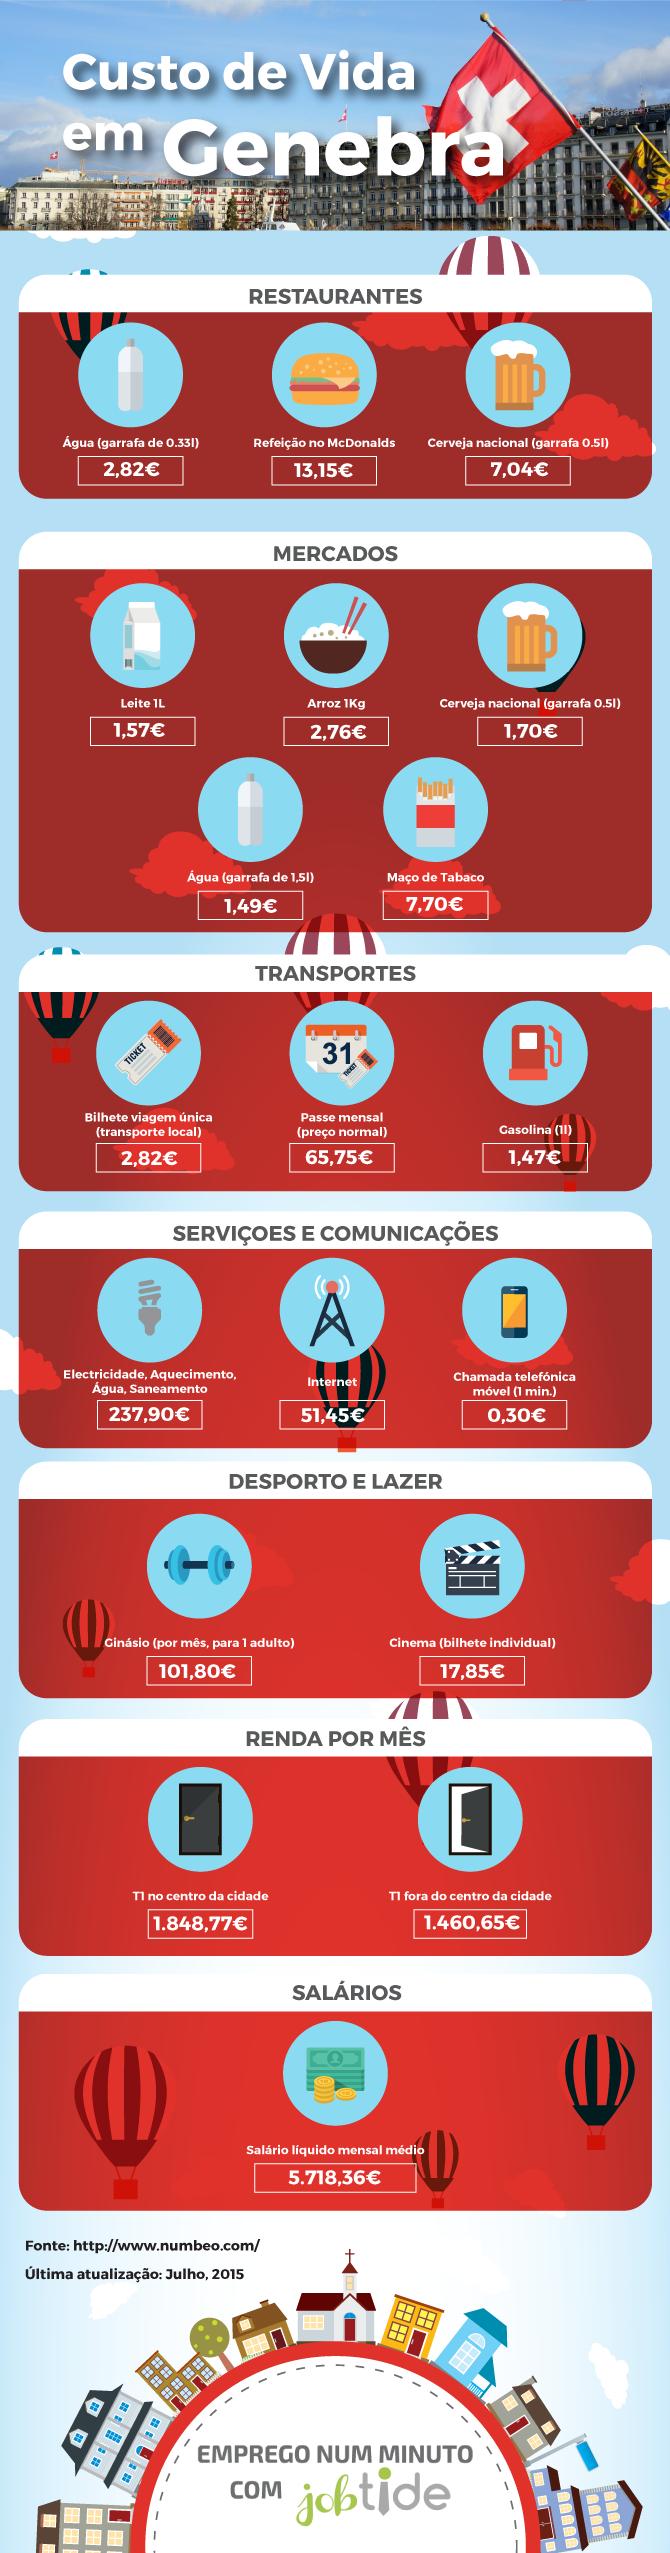 Viver e Trabalhar em Genebra: Custo de Vida  #trabalhar #emigrar #emprego